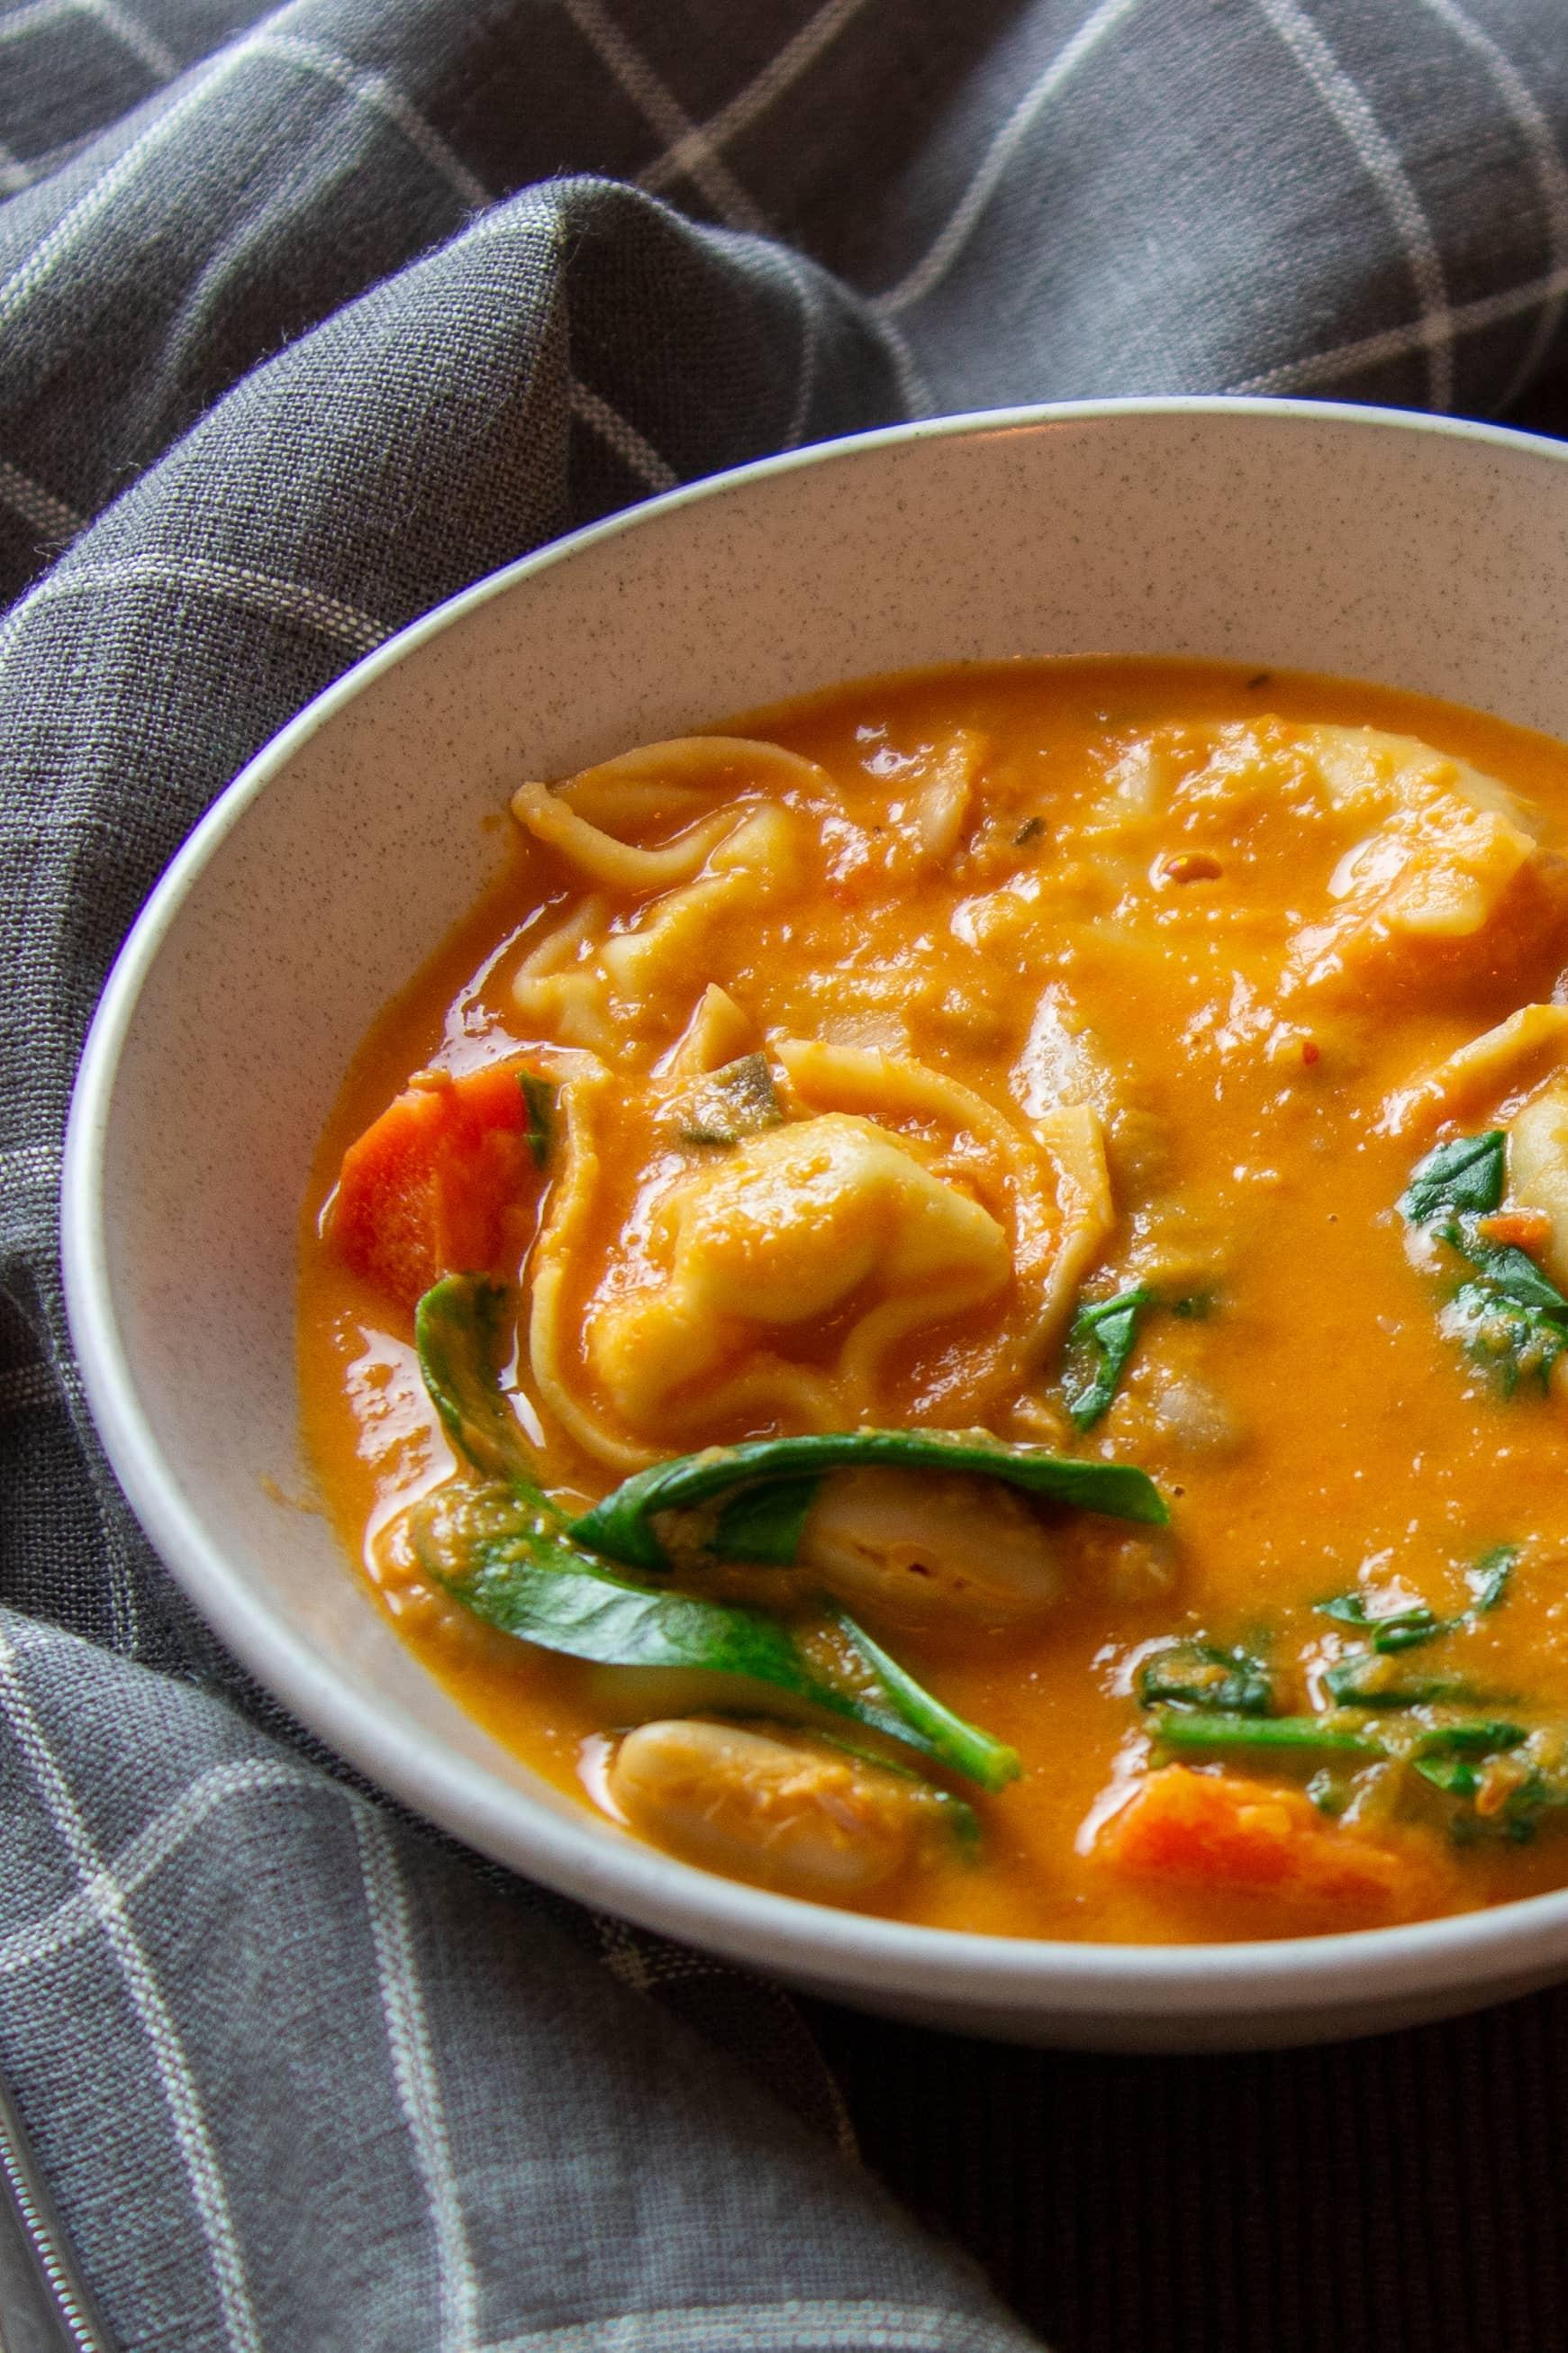 Creamy Dreamy Tomato Tortellini Soup